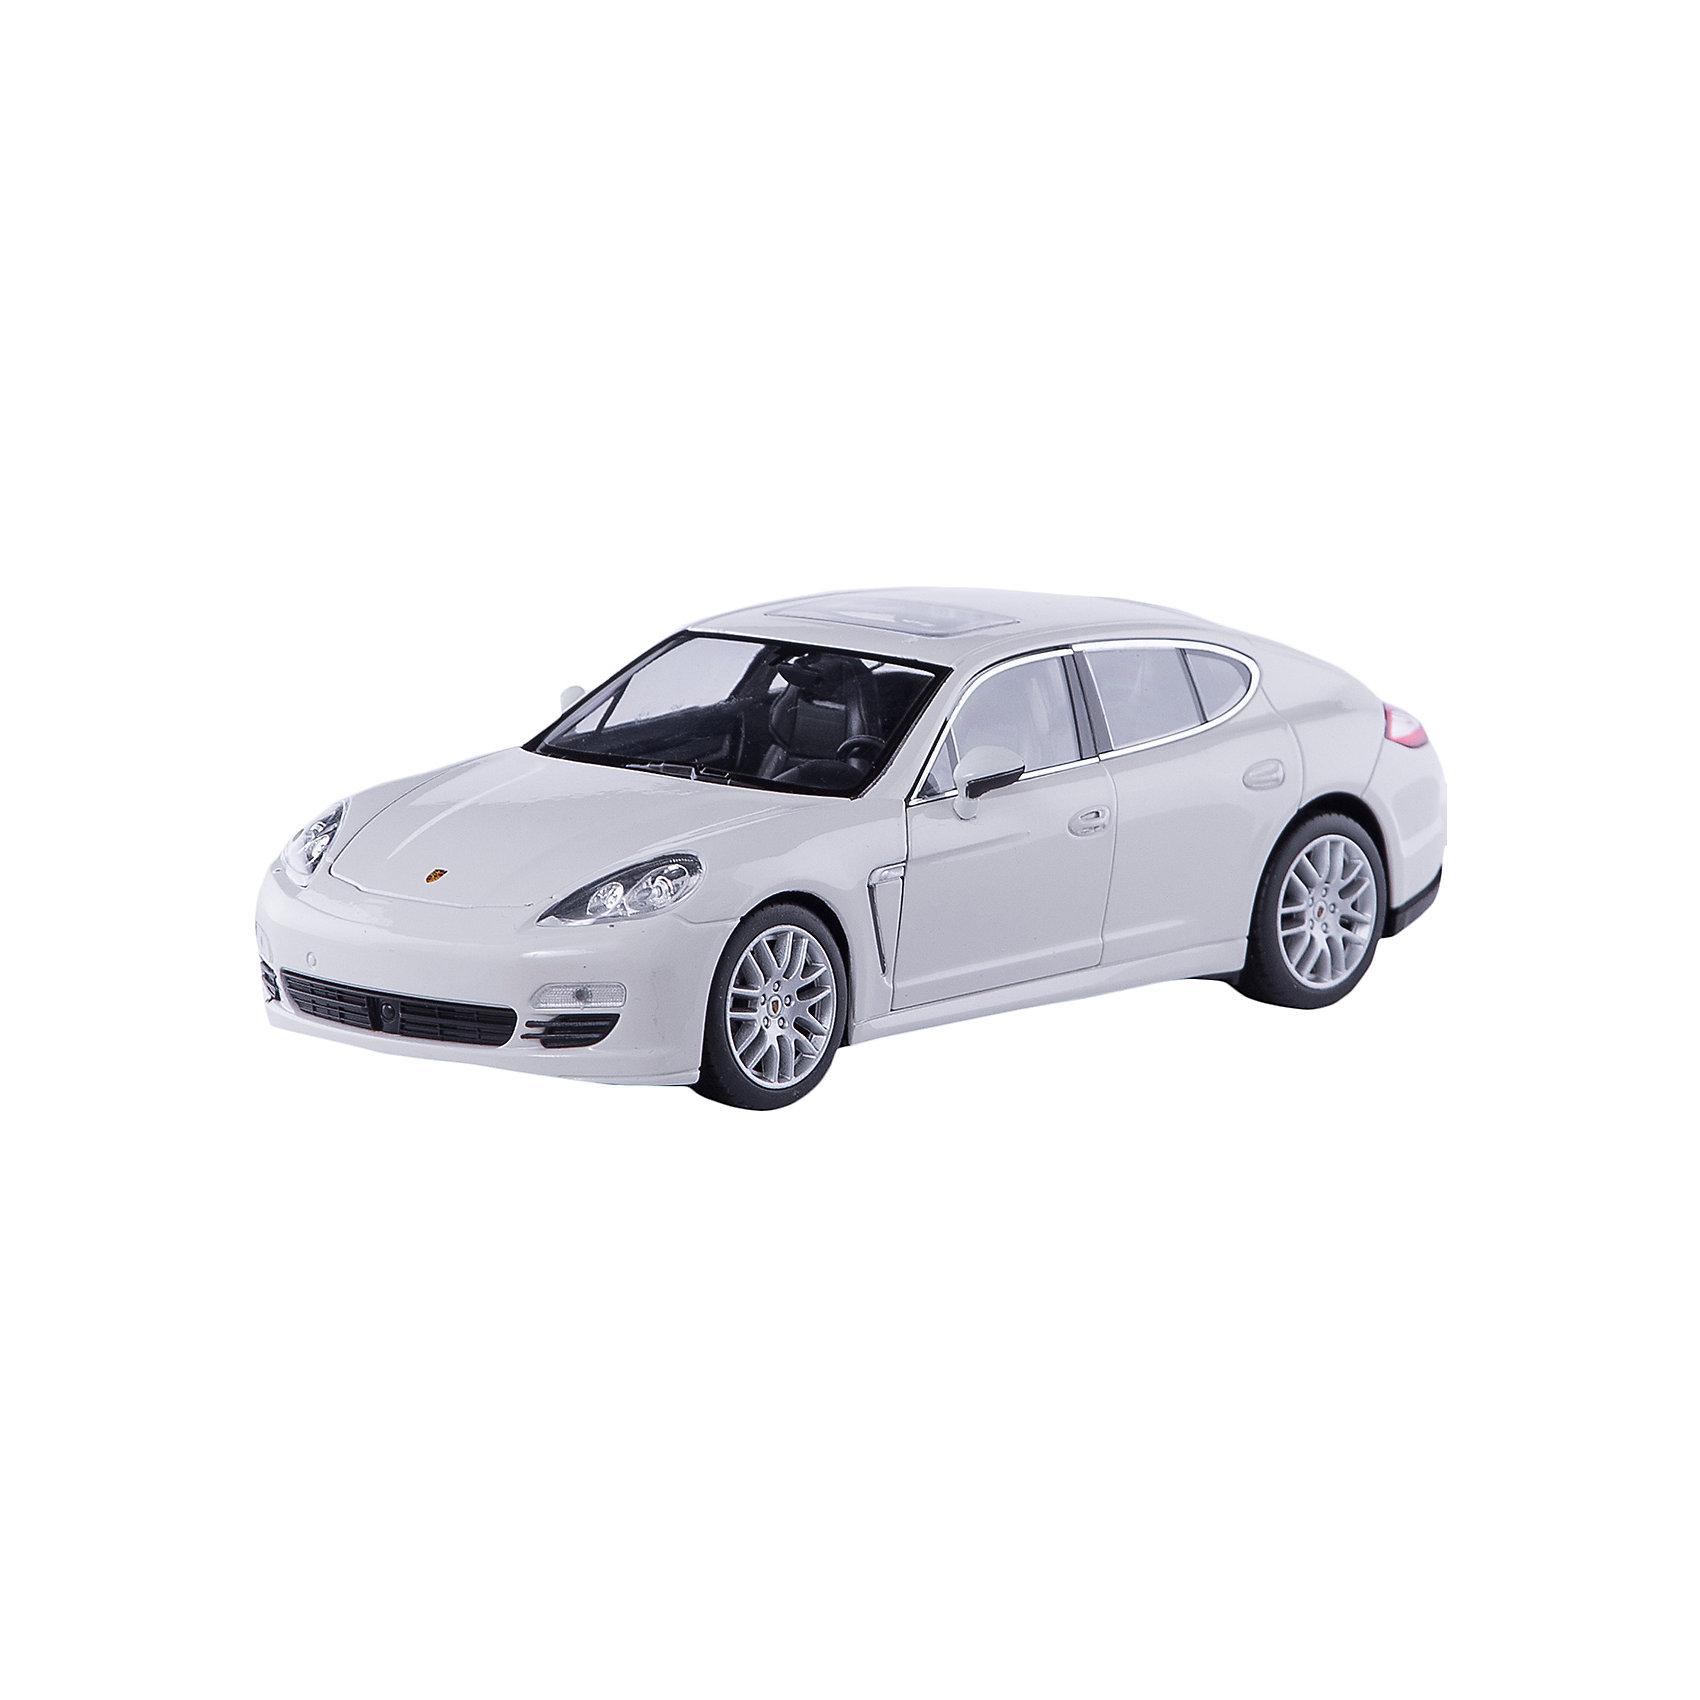 Модель машины 1:24 Porsche Panamera S, WellyКоллекционные модели<br>Модель машины Porsche Panamera S от Welly (Велли) станет замечательным подарком для автолюбителей всех возрастов. В коллекции масштабных моделей Welly представлено все многообразие автотехники: ретро-автомобили, легковые автомобили различных марок, грузовики, автомобили городских служб и многое другое. Все машинки отличаются высокой степенью детализации и тщательной проработкой всех элементов.<br><br>Машинка Porsche Panamera S представляет собой точную копию настоящего автомобиля в масштабе 1:24. Немецкий скоростной и в то же время представительский автомобиль Porsche Panamera S, появившийся 2009 году, получил имя Panamera благодаря удачным выступлениям Porsche в гонке Carrera Panamericana, проходившей в 50-х годах XX века. Это роскошный спорткар с оригинальным дизайном, отличительная особенность которого - новая 5-дверная конструкция кузова с полого опускающейся крышей. Модель от Welly оснащена прочными стеклами и зеркалами<br>заднего вида, интерьер салона, двигатель и органы управления тщательно проработаны. Двери и капот открываются, колеса вращаются. Корпус машинки выполнен из металла, а отделка салона и декоративные элементы из пластика.<br><br>Дополнительная информация:<br><br>- Материал: металл, пластик, колеса прорезиненные.<br>- Масштаб: 1:24.<br>- Размер упаковки: 11 х 23 х 10 см.<br>- Вес: 0,54 кг. <br><br>Модель машины Porsche Panamera S, Welly можно купить в нашем интернет-магазине.<br><br>Ширина мм: 230<br>Глубина мм: 110<br>Высота мм: 110<br>Вес г: 542<br>Возраст от месяцев: 36<br>Возраст до месяцев: 192<br>Пол: Мужской<br>Возраст: Детский<br>SKU: 3777893